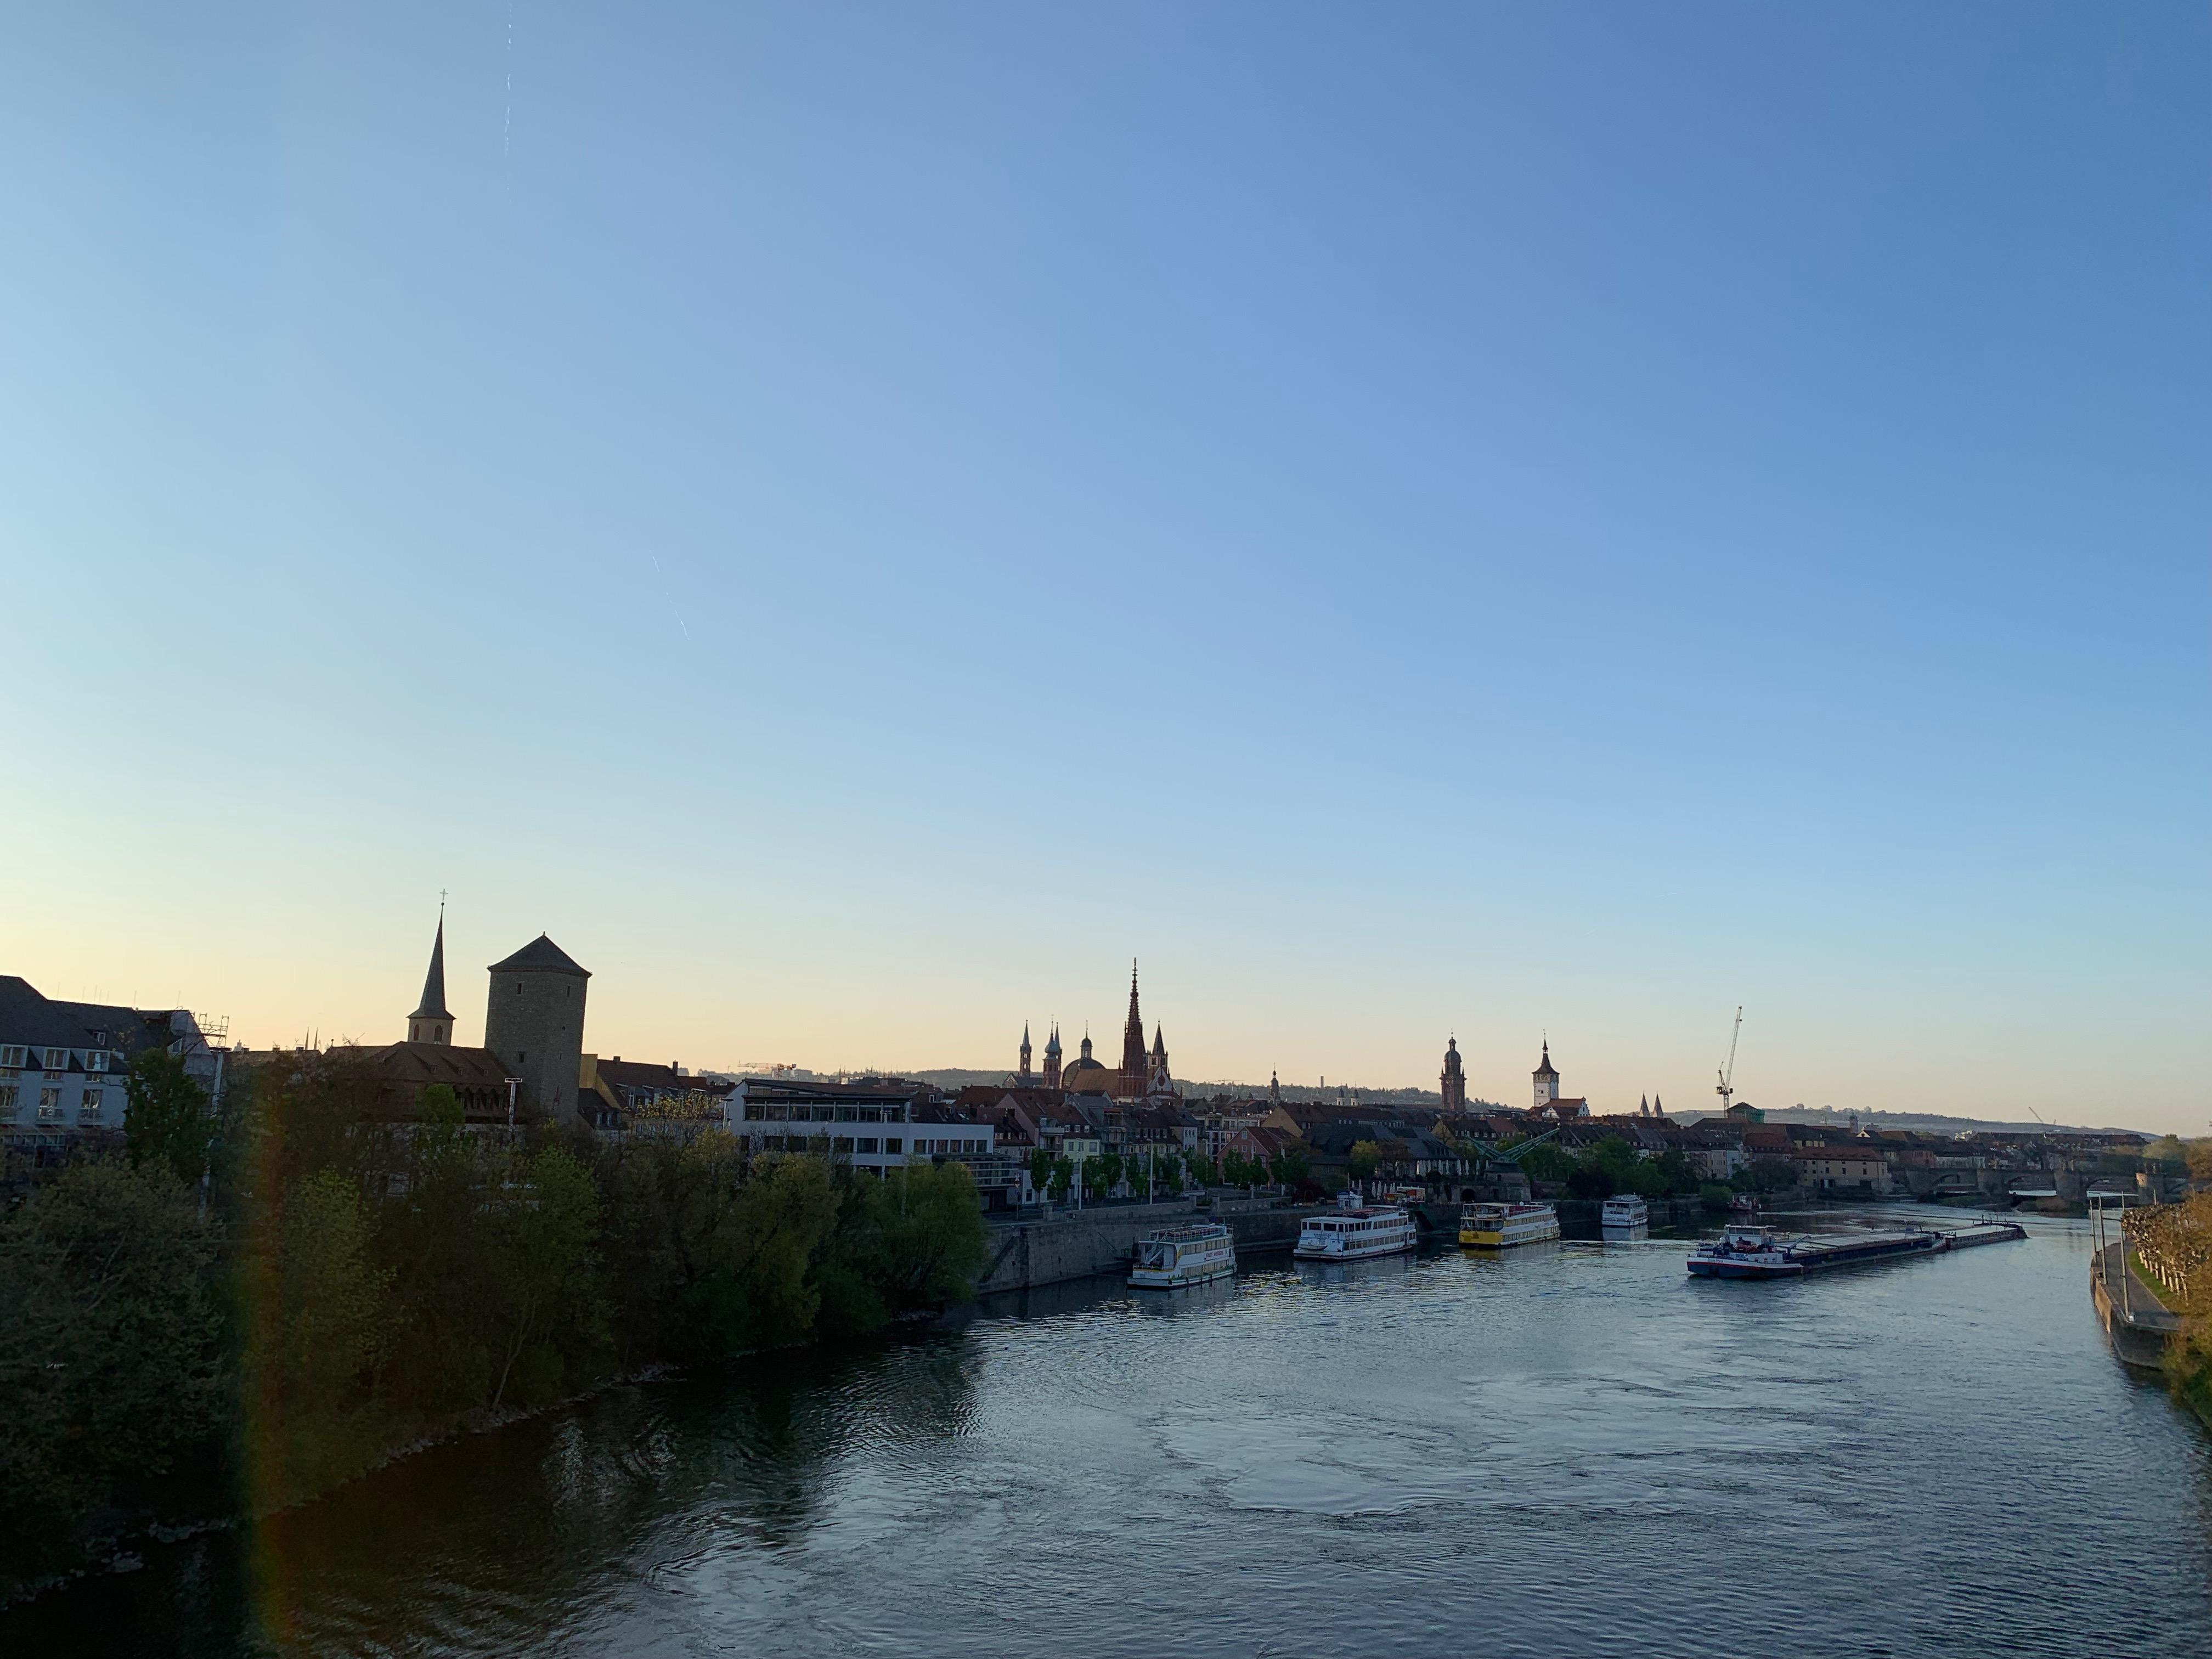 Sonnenaufgang in Würzburg